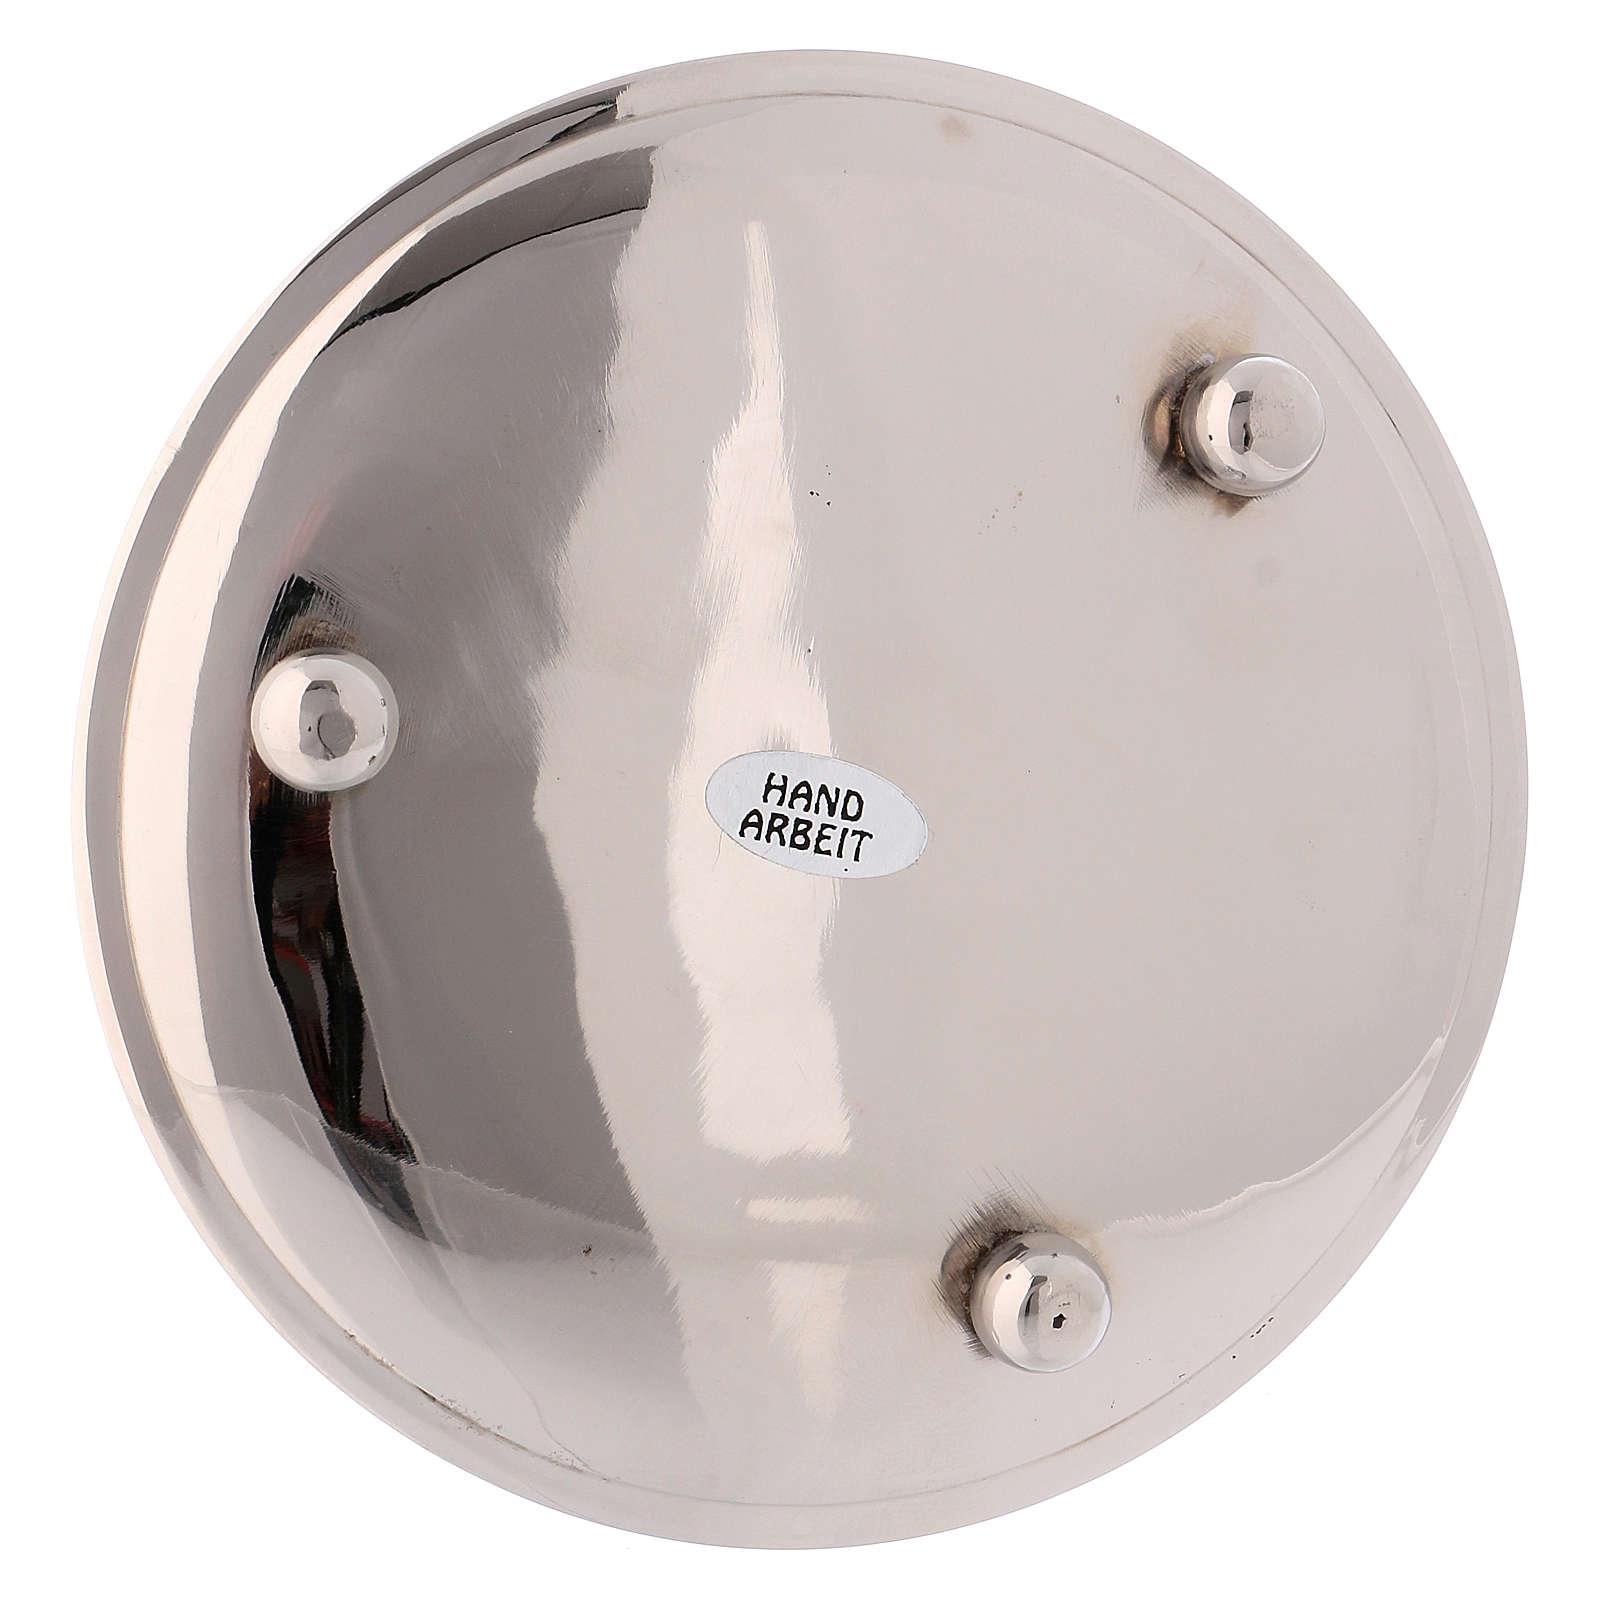 Portacandele ottone argentato lucido diametro 13 cm 3